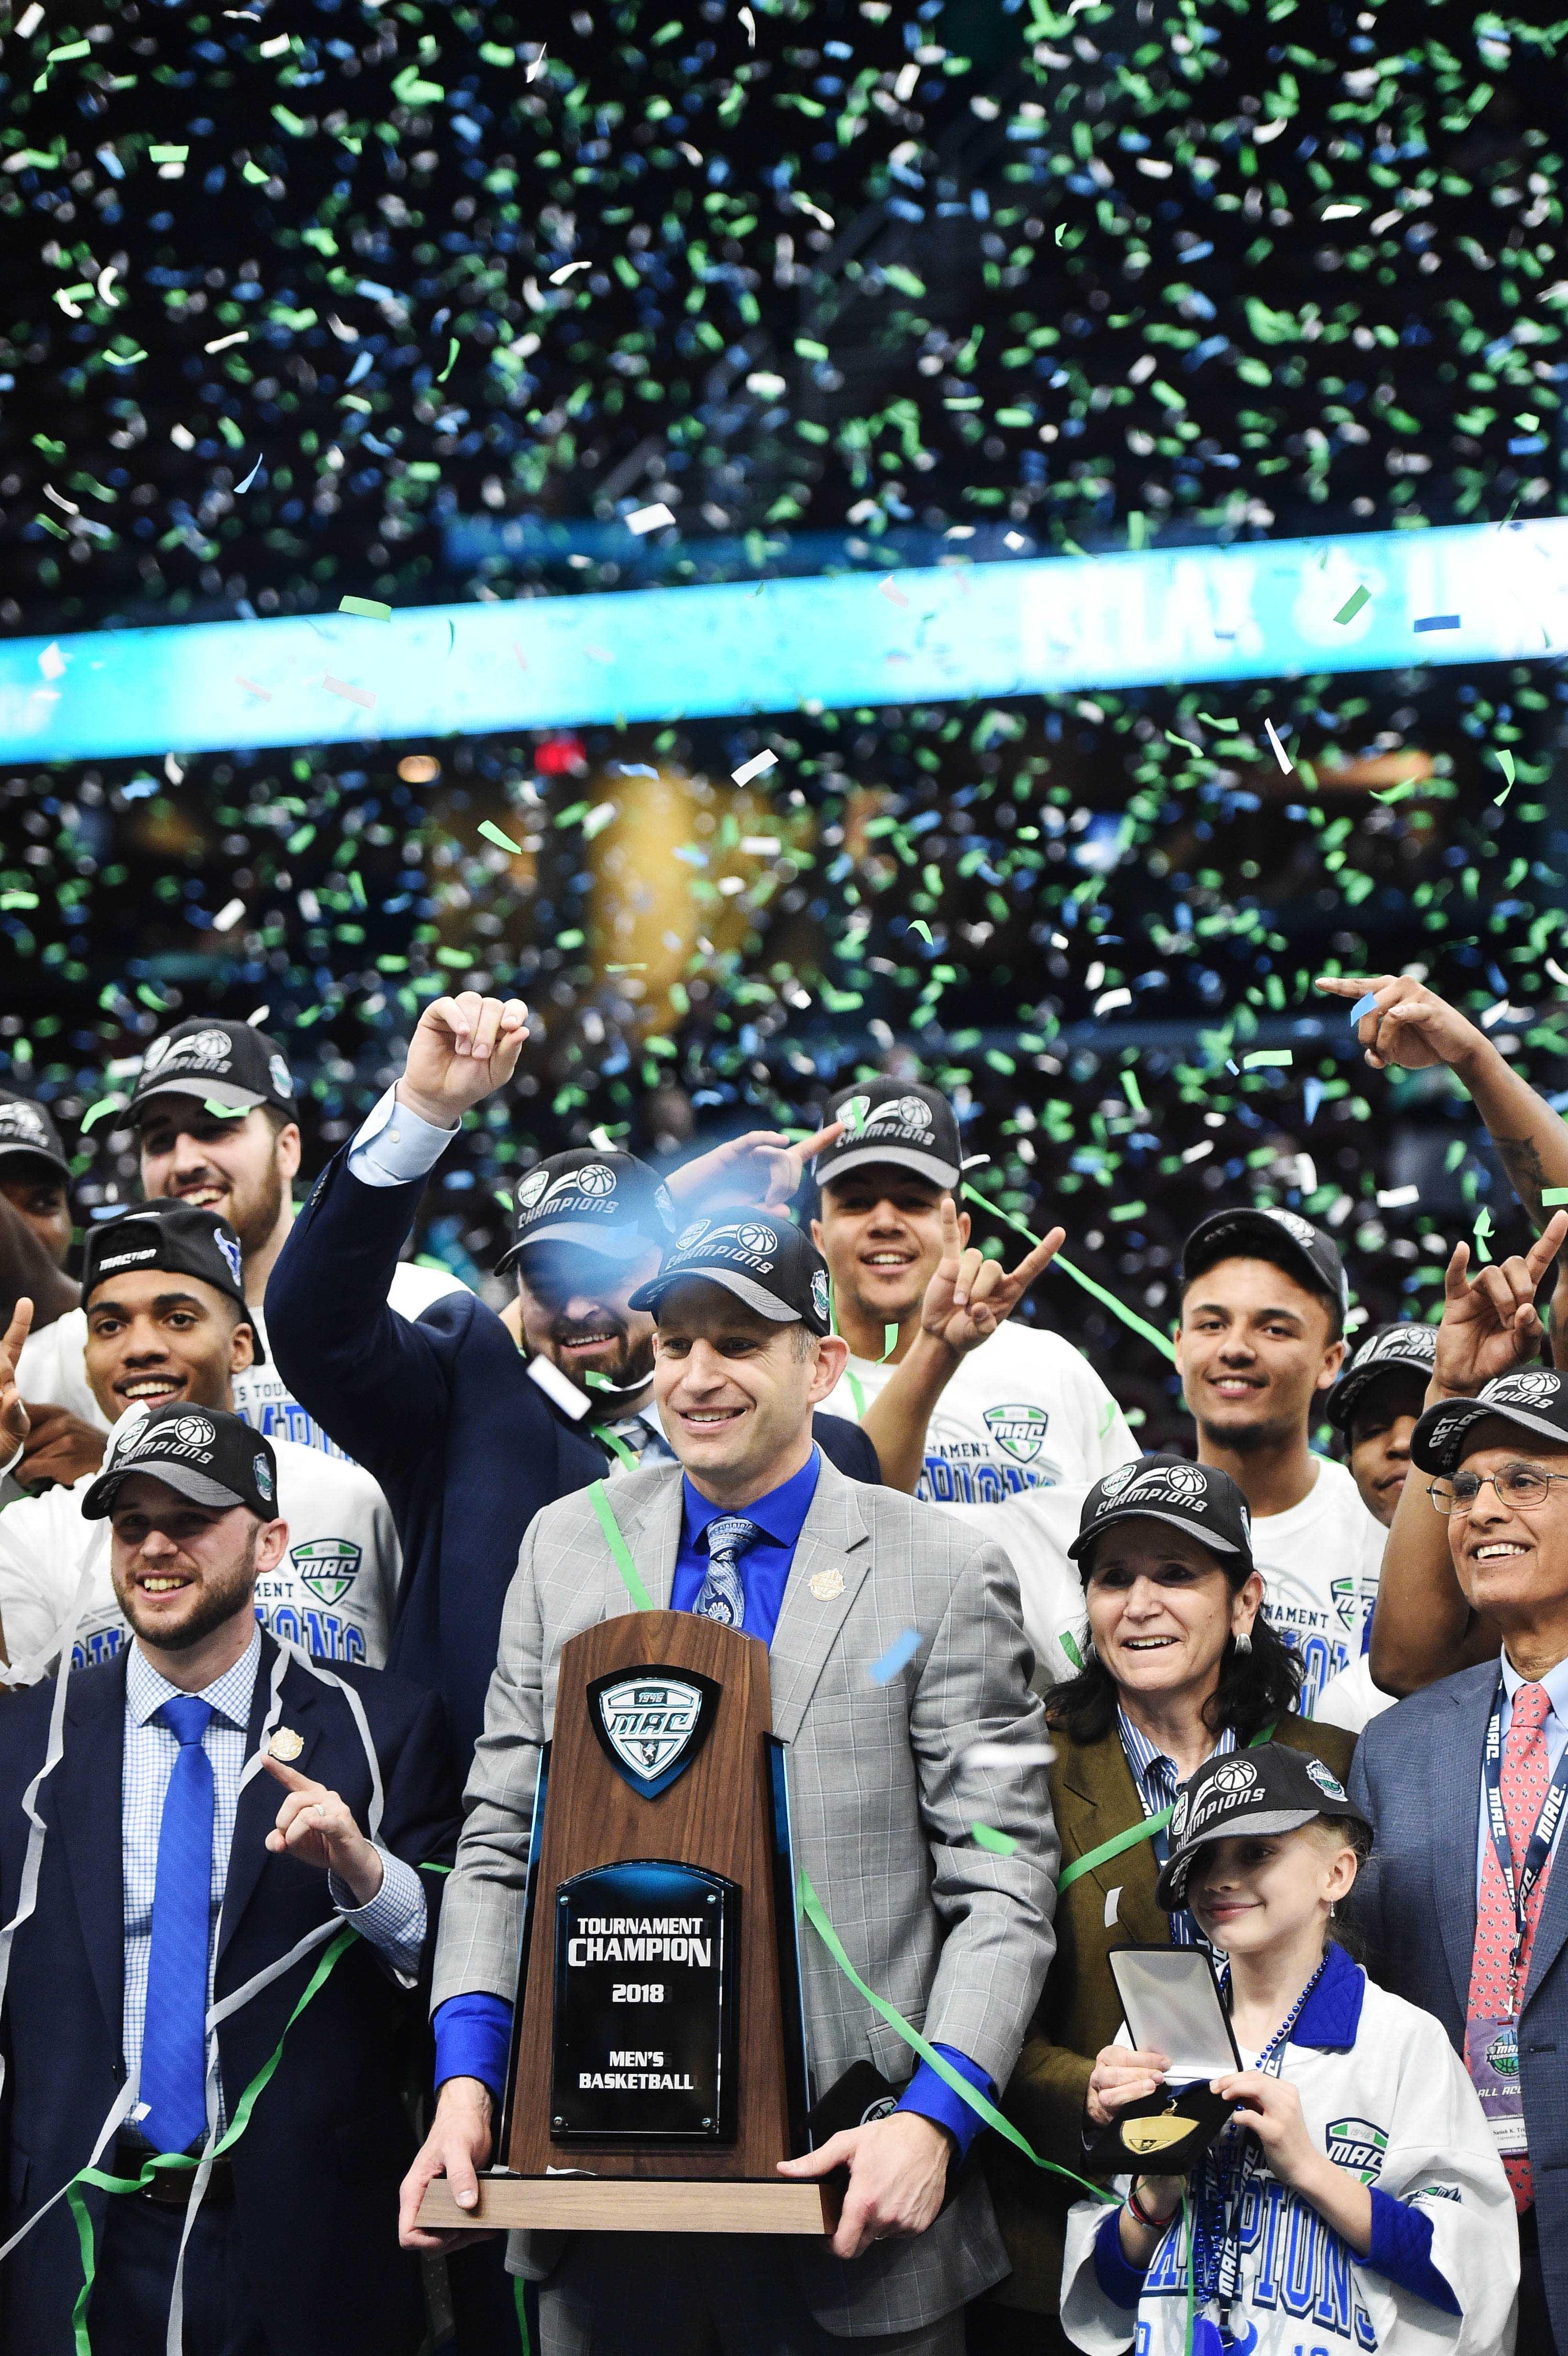 NCAA篮球:MAC大会锦标赛冠军布法罗vs托莱多